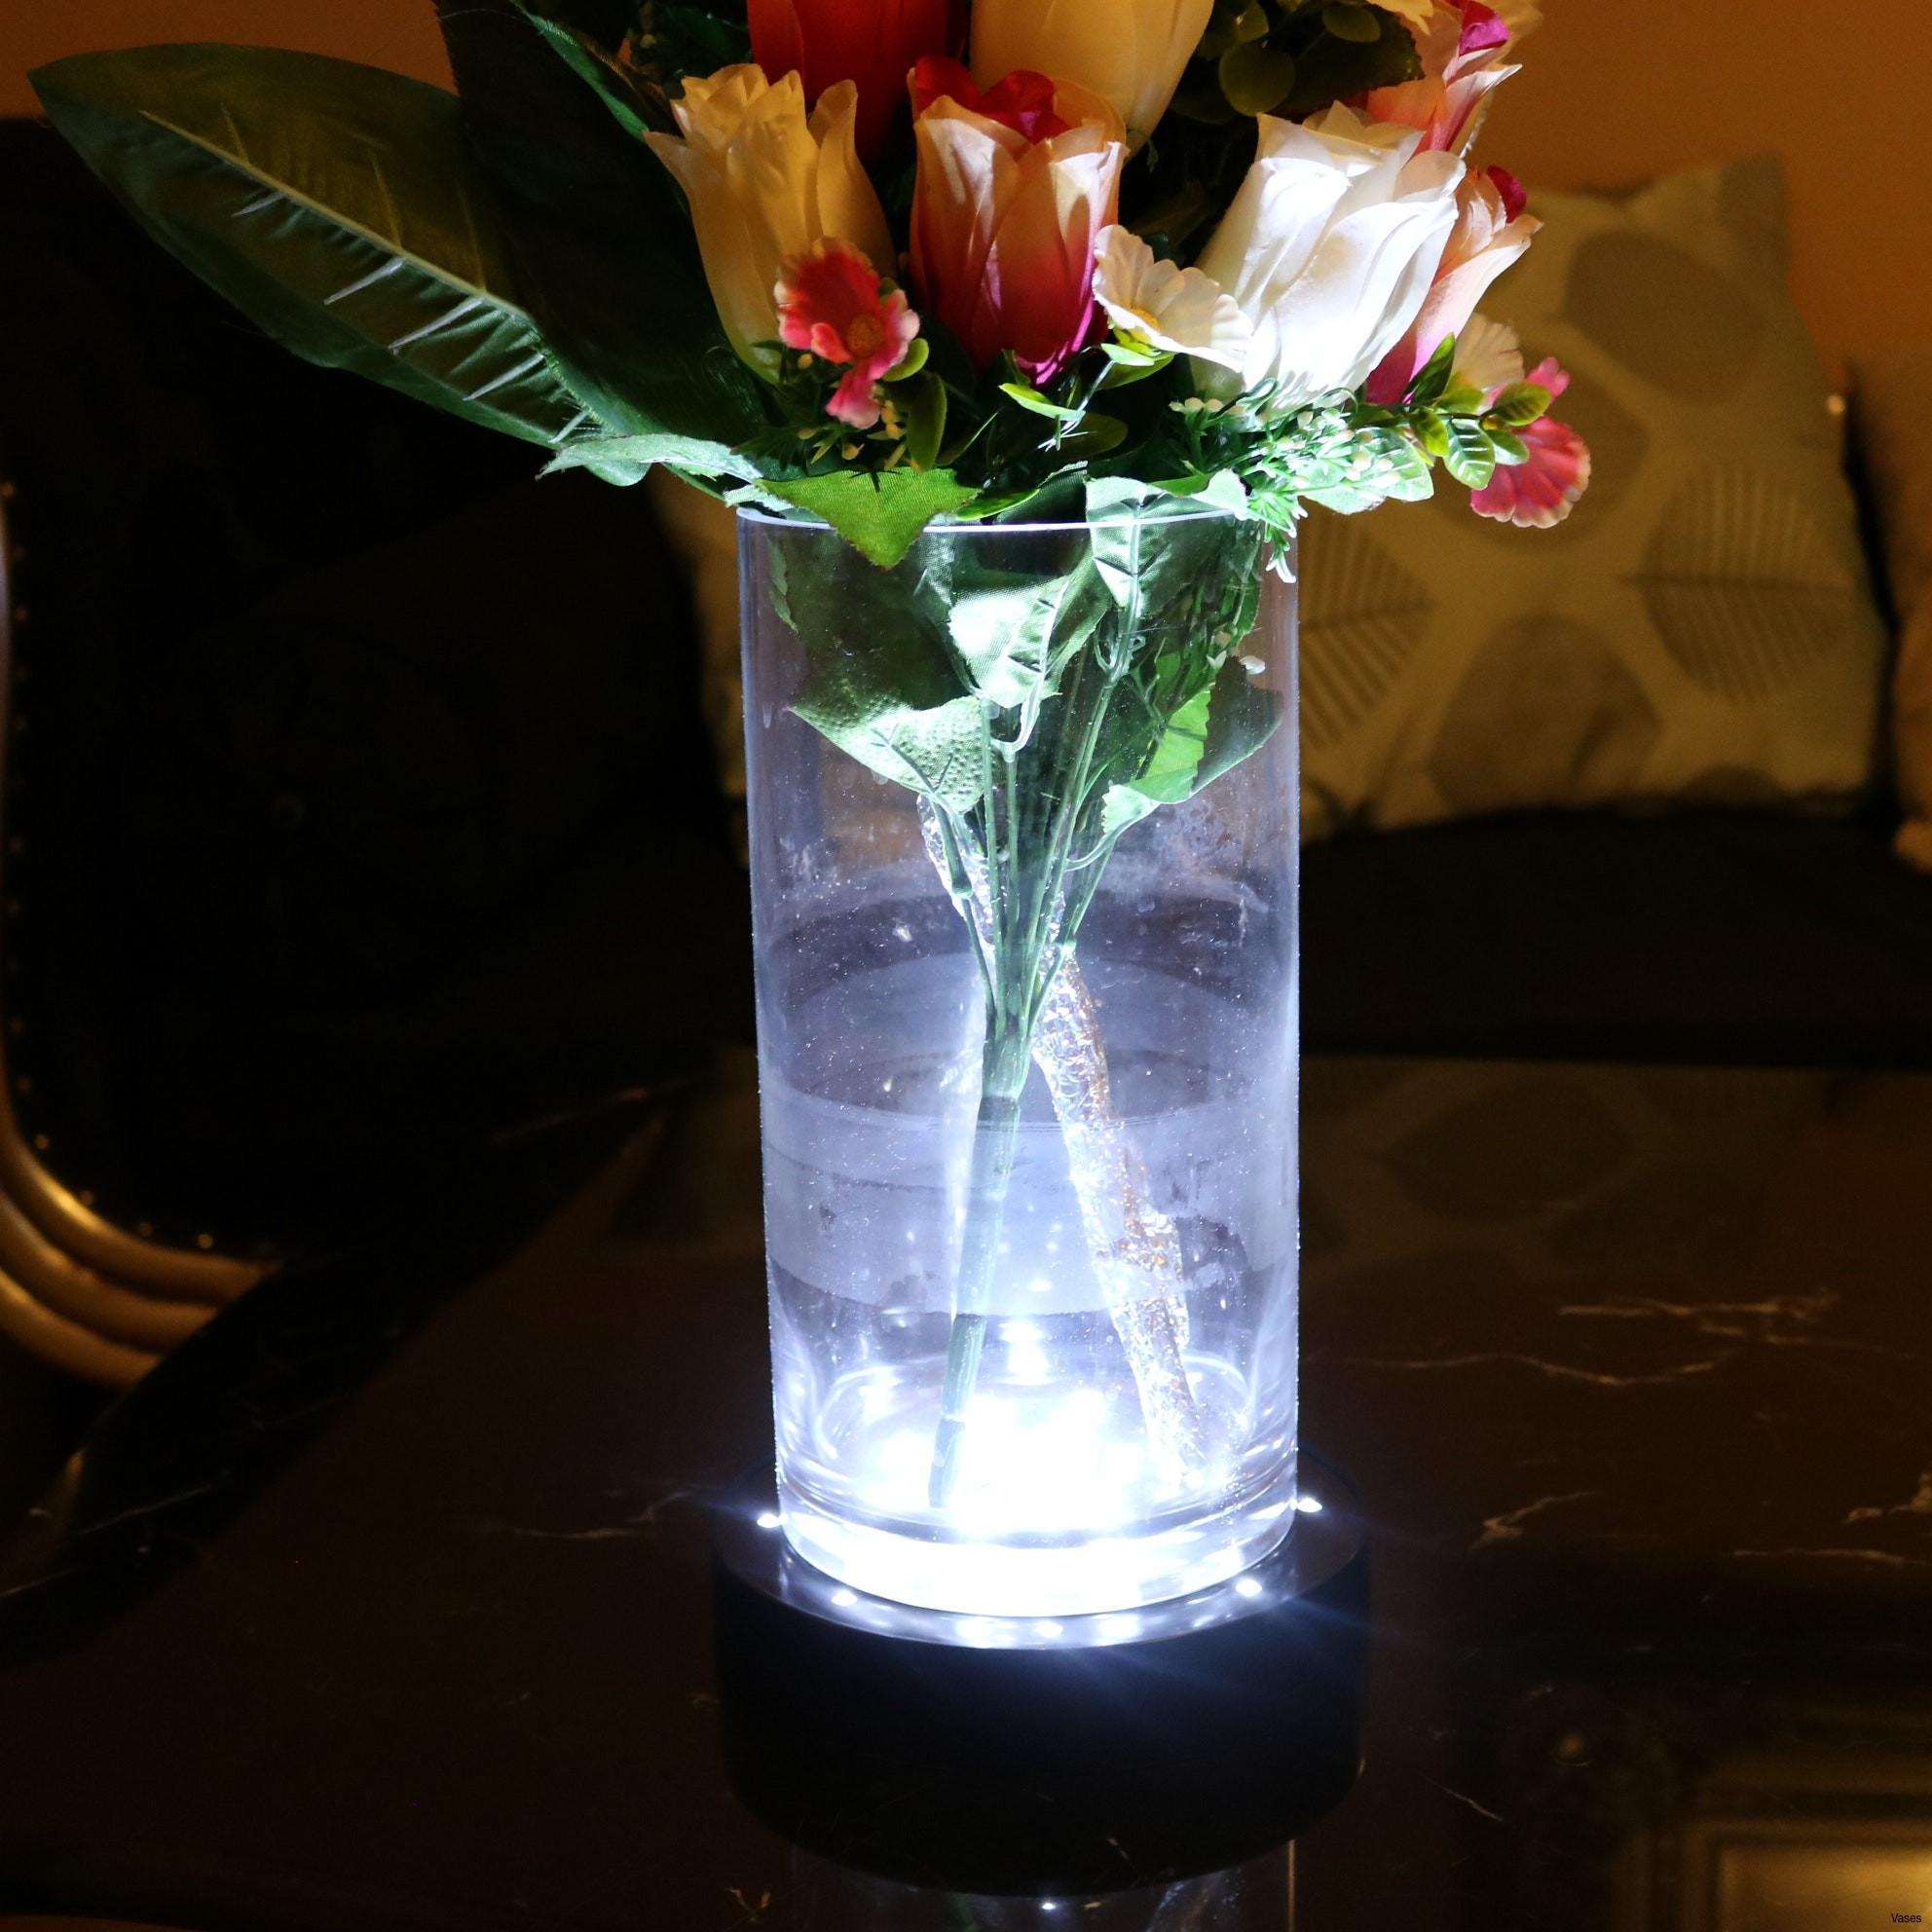 long glass vase of 27 fresh long flower vase decoration ideas flower decoration ideas with regard to long flower vase decoration ideas lovely vases disposable plastic single cheap flower rose vasei 0d design